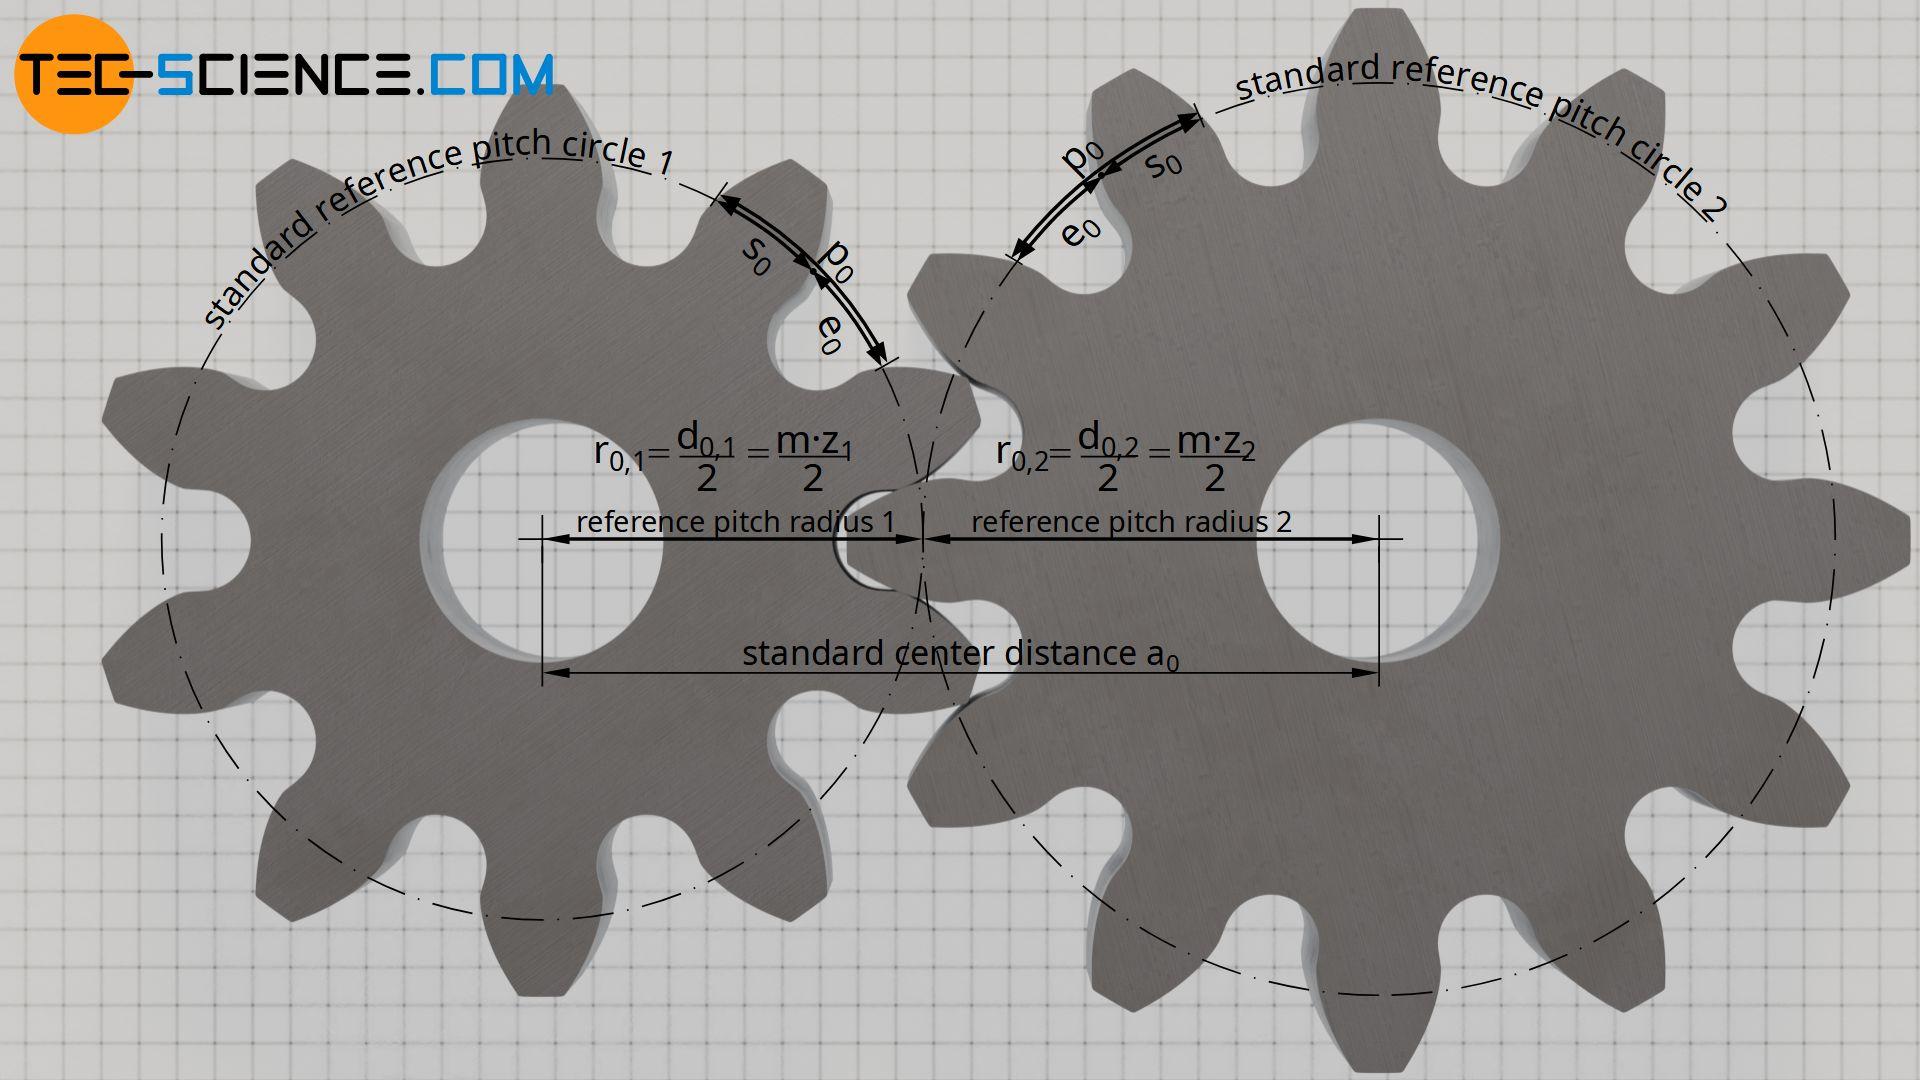 Standard center distance